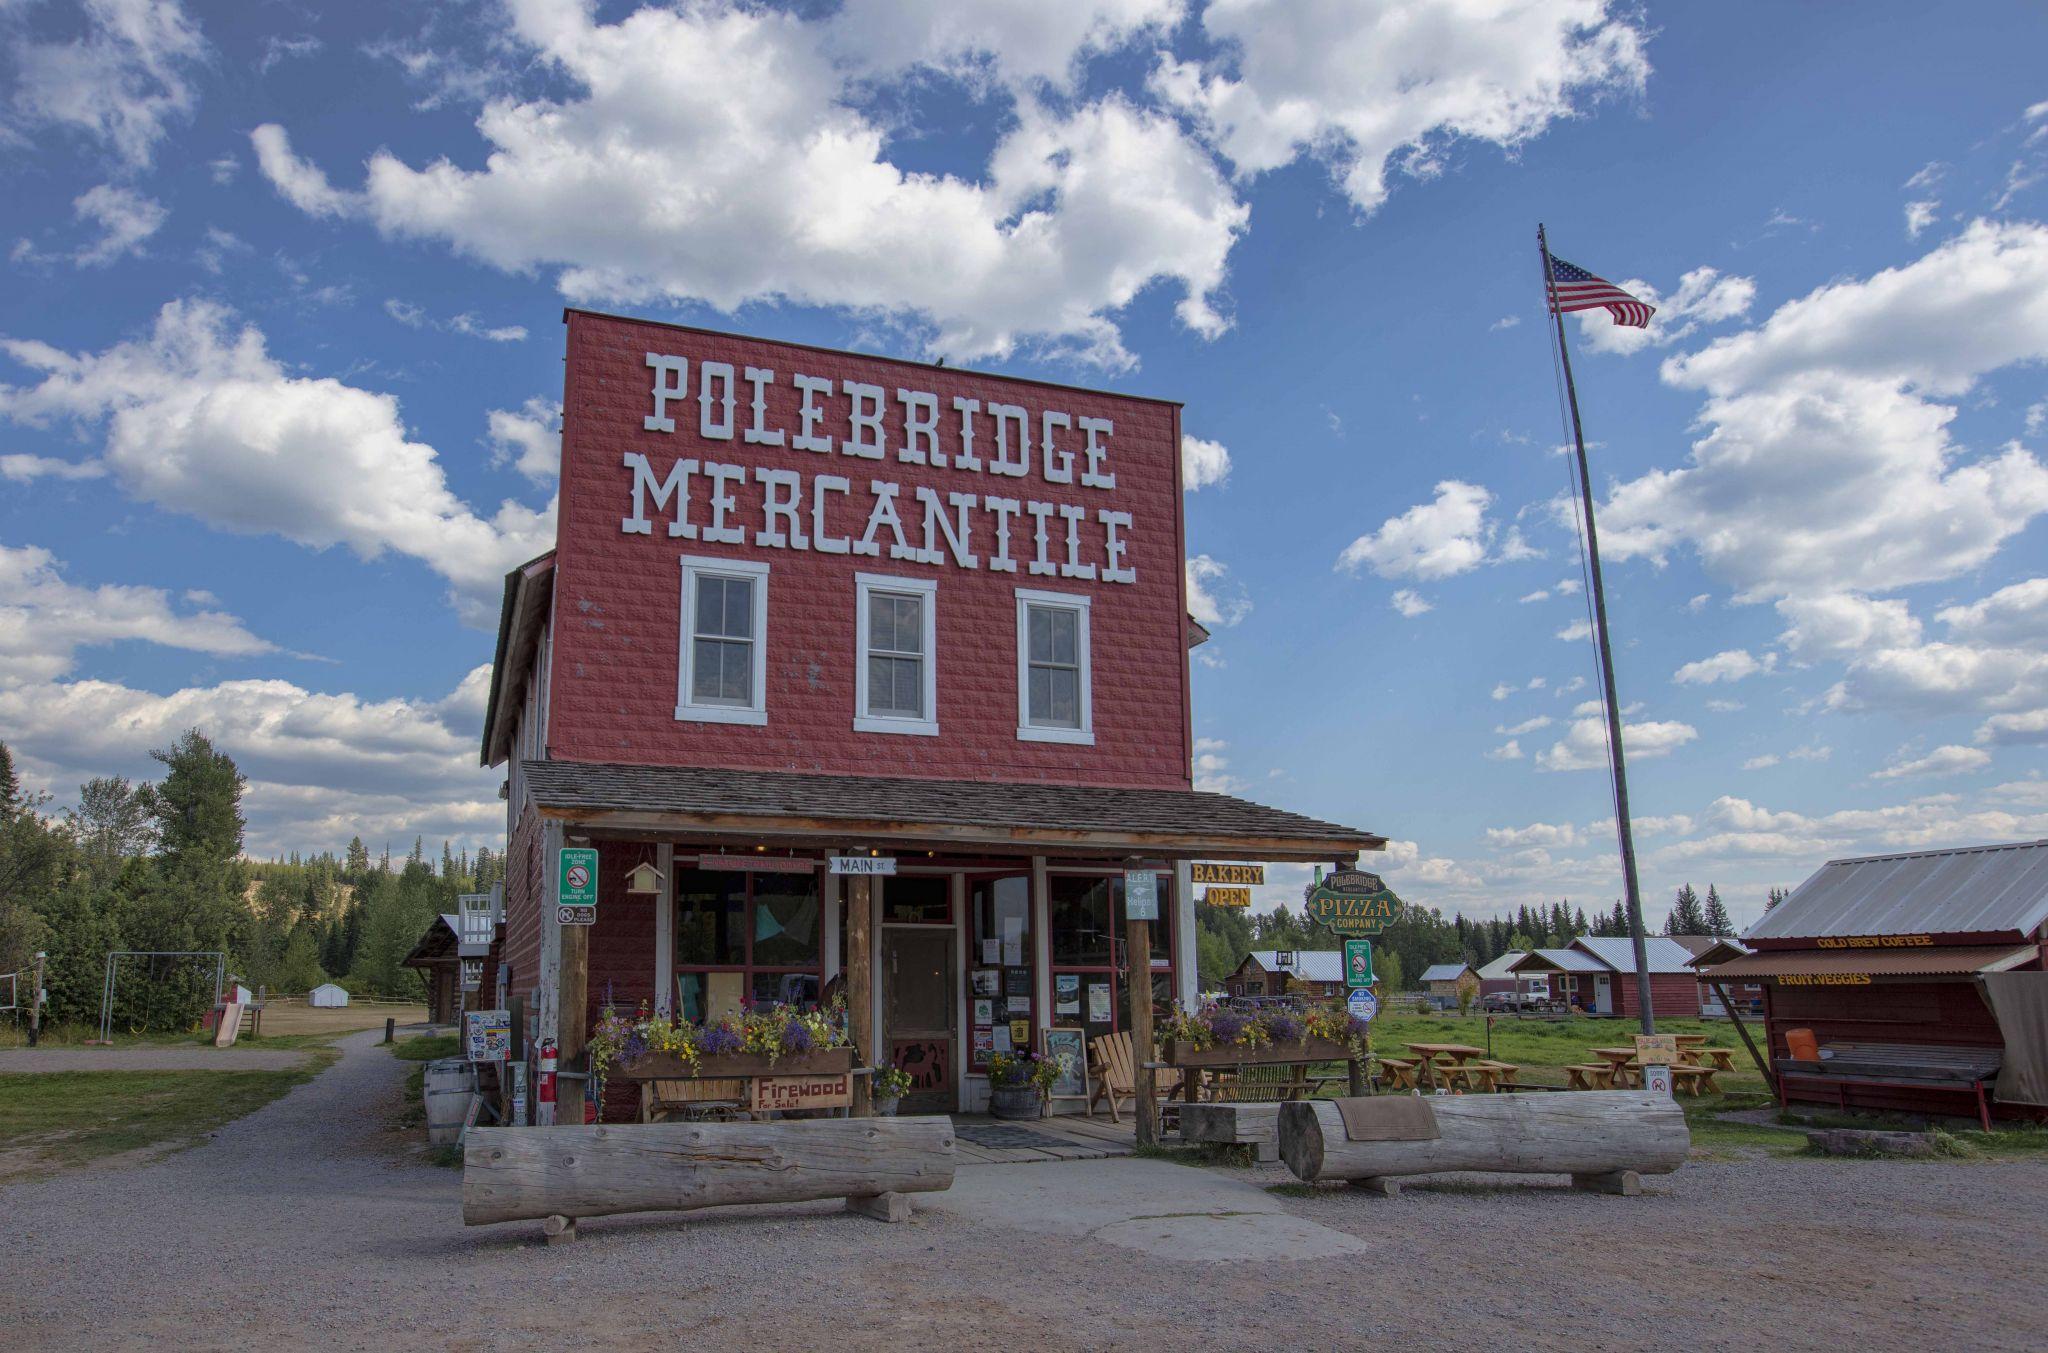 Polebridge Mercantile, USA